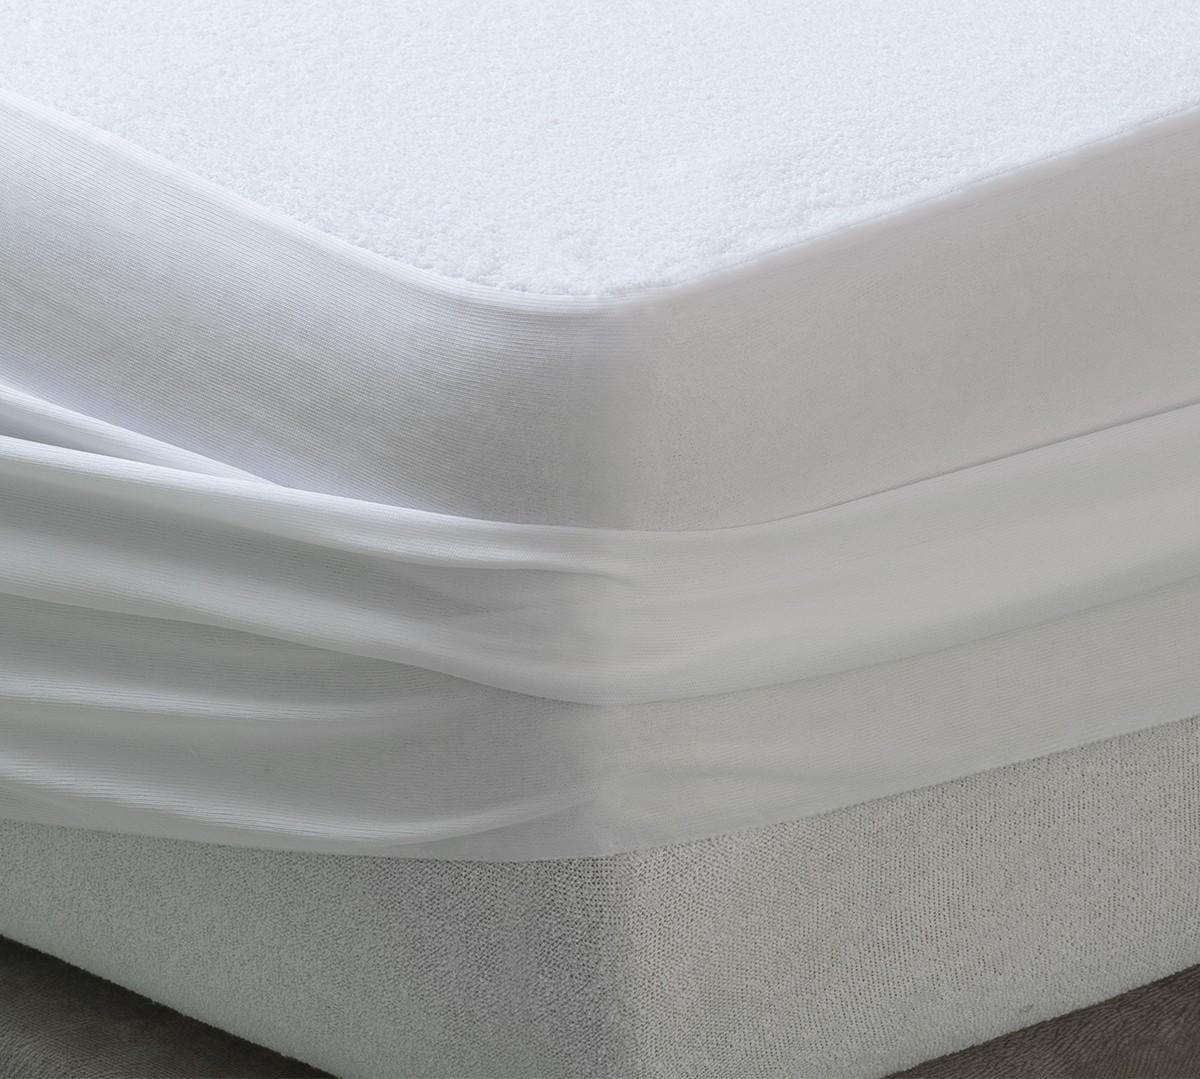 Protector de Colchón Rizo Argán Impermeable y Transpirable - Protectores de colchón